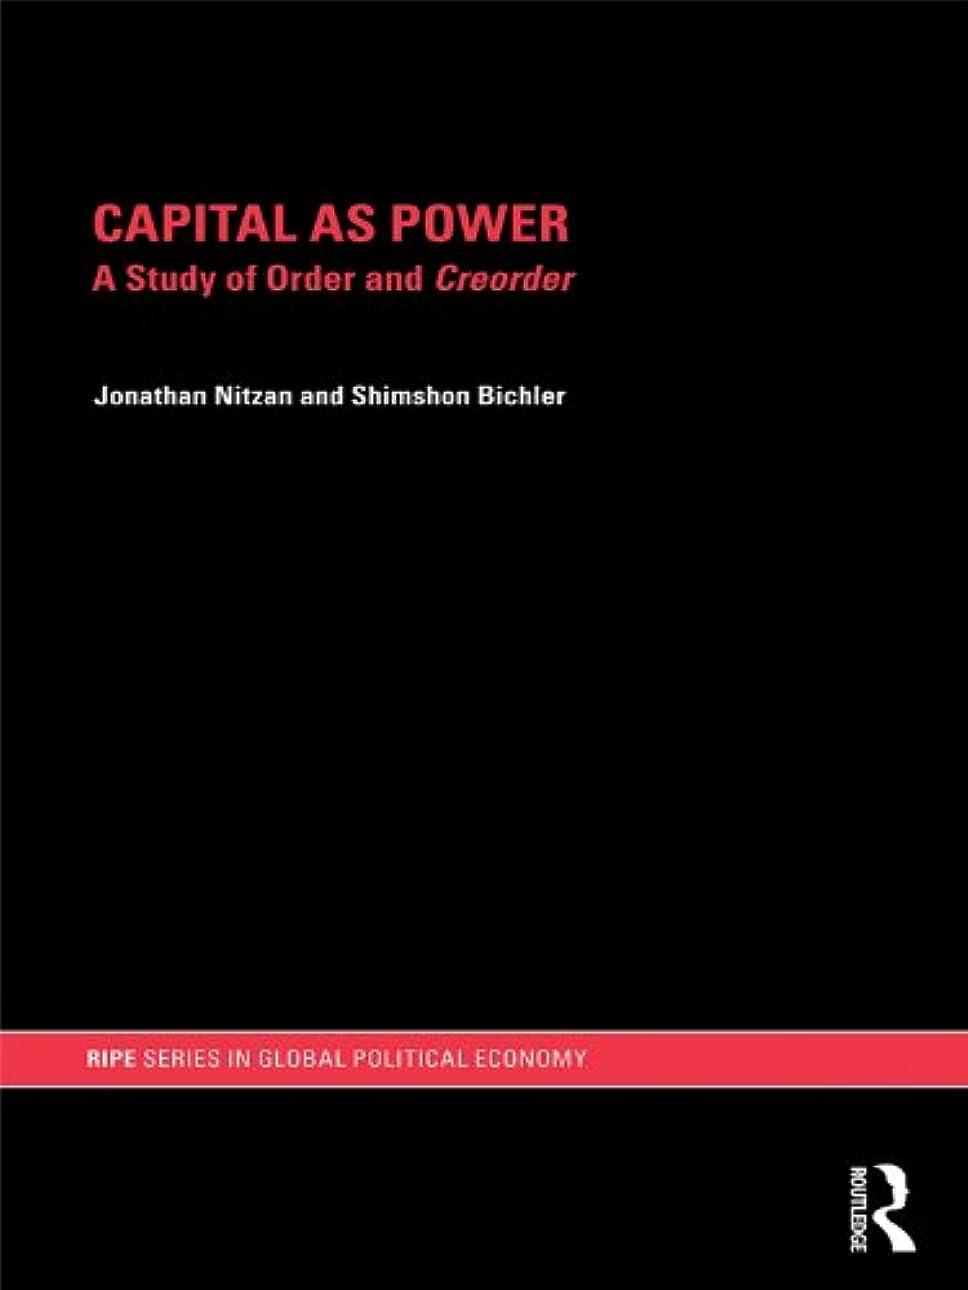 悪因子追い払うビンCapital as Power: A Study of Order and Creorder (RIPE Series in Global Political Economy Book 16) (English Edition)